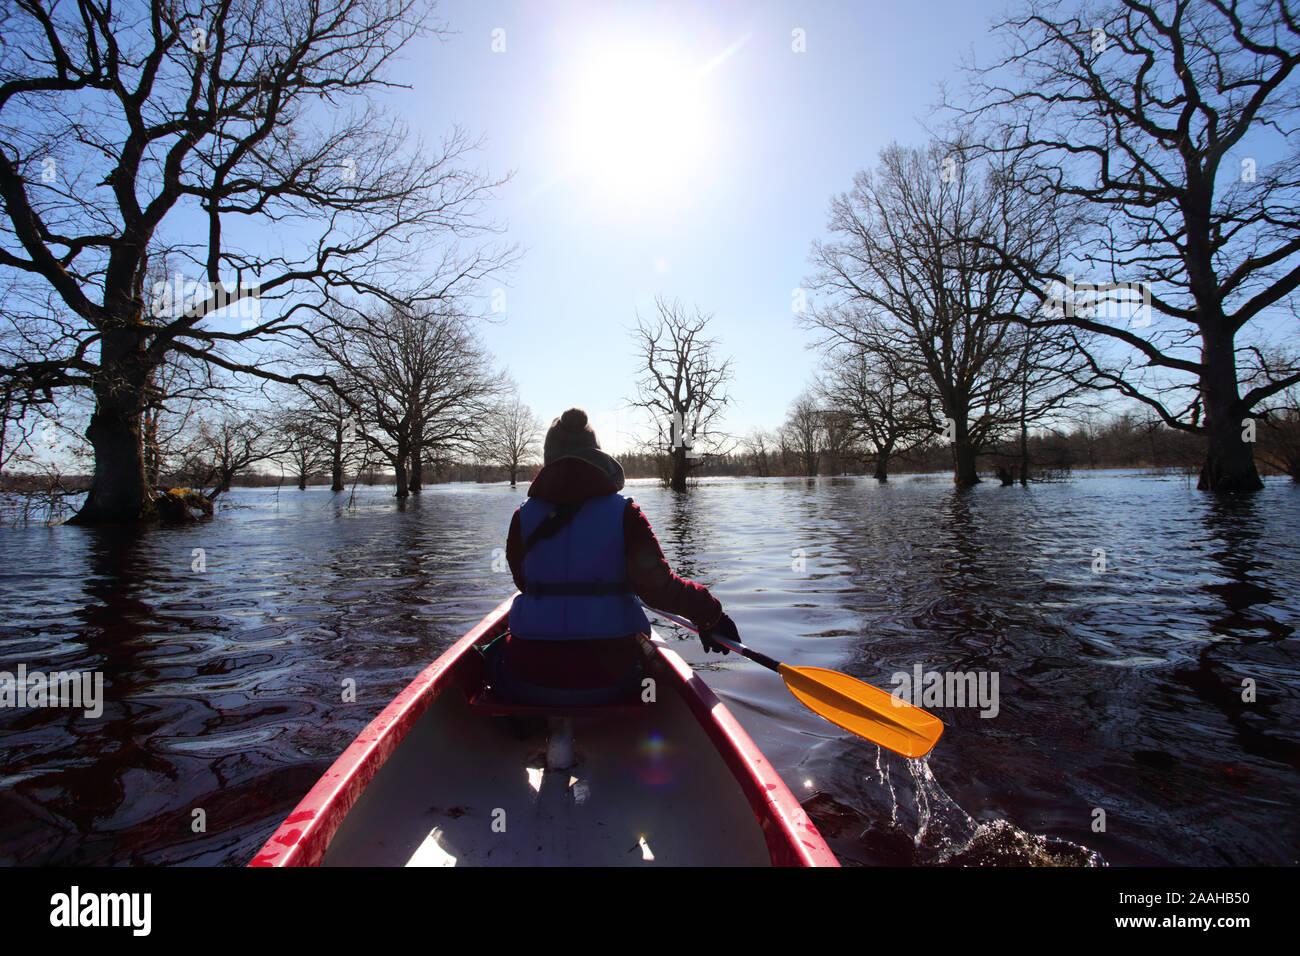 Cinquième saison canot à Rio Dulce, woman on canoe avec palettes de navigation dans les forêts, l'Estonie au printemps Banque D'Images